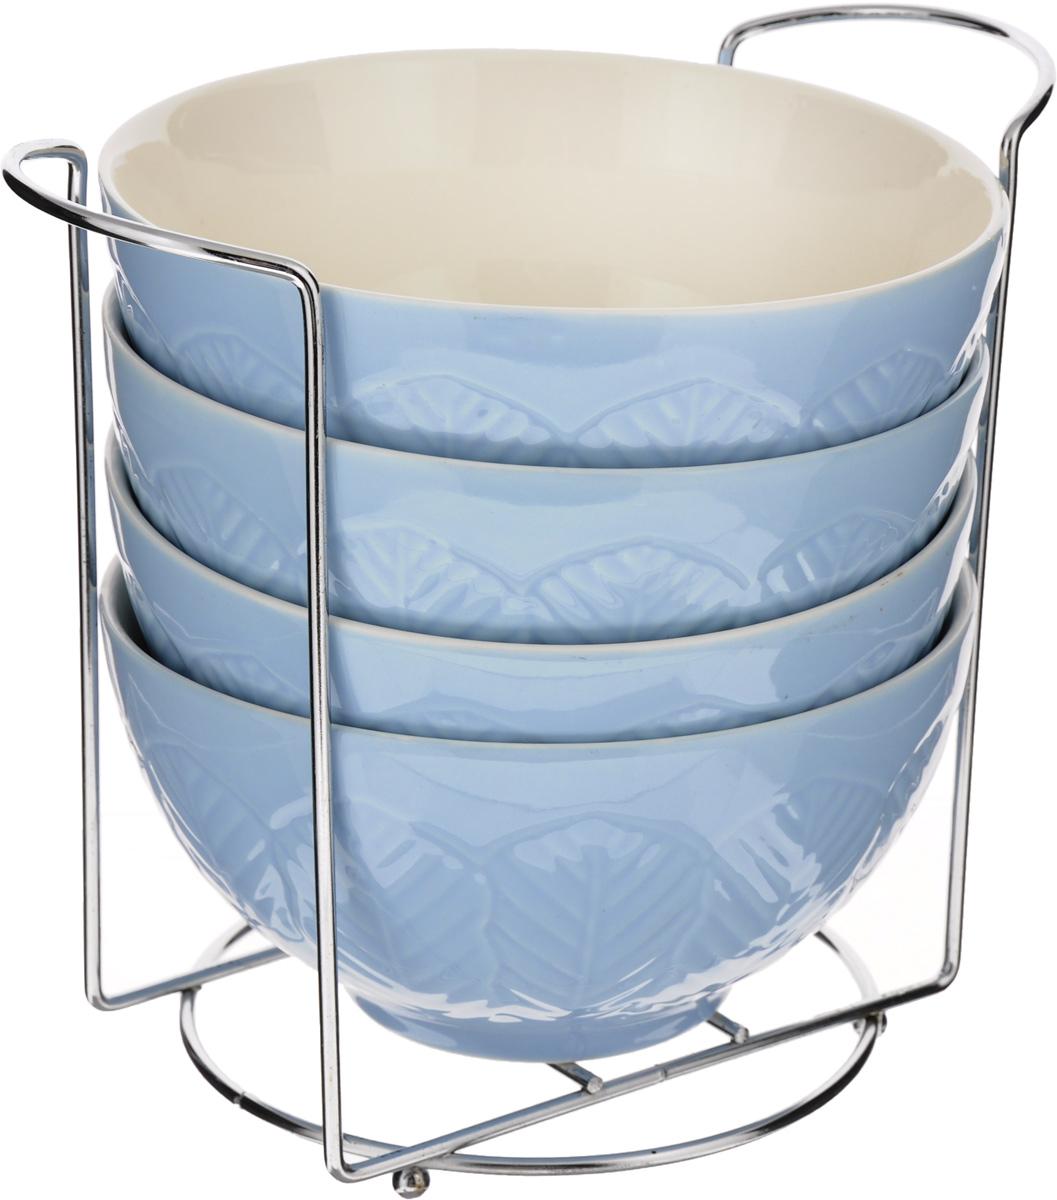 Набор супниц Loraine, на подставке, цвет: синий, белый, 420 мл, 5 предметов54 009312Набор Loraine включает четыре супницы, выполненные из высококачественной глазурованной керамики. Внешние стенки декорированы рельефным узором. Набор прекрасно подходит для подачи супов, бульонов и других блюд. Элегантный дизайн отлично впишется в интерьер любой кухни.Супницы компактно размещаются на подставке из железа.Посуду можно использовать в микроволновой печи и холодильнике, а также мыть в посудомоечной машине.Объем супниц: 420 мл.Диаметр супниц (по верхнему краю): 15,5 см.Высота супниц: 8 см.Размер подставки: 20 х 13 х 18 см.